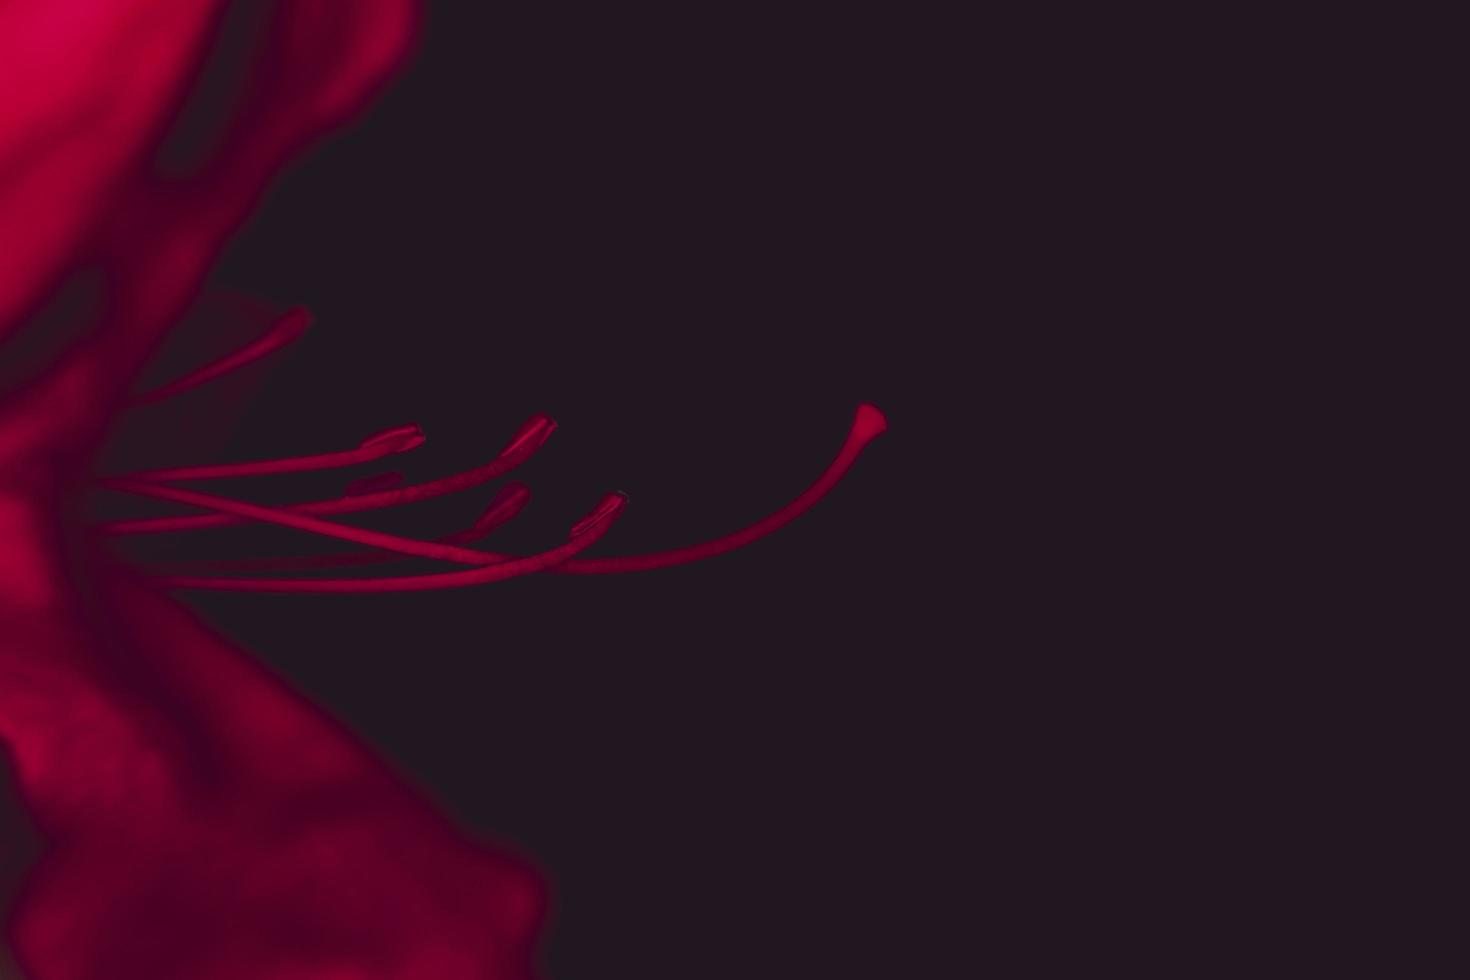 azalea blomstermärke foto